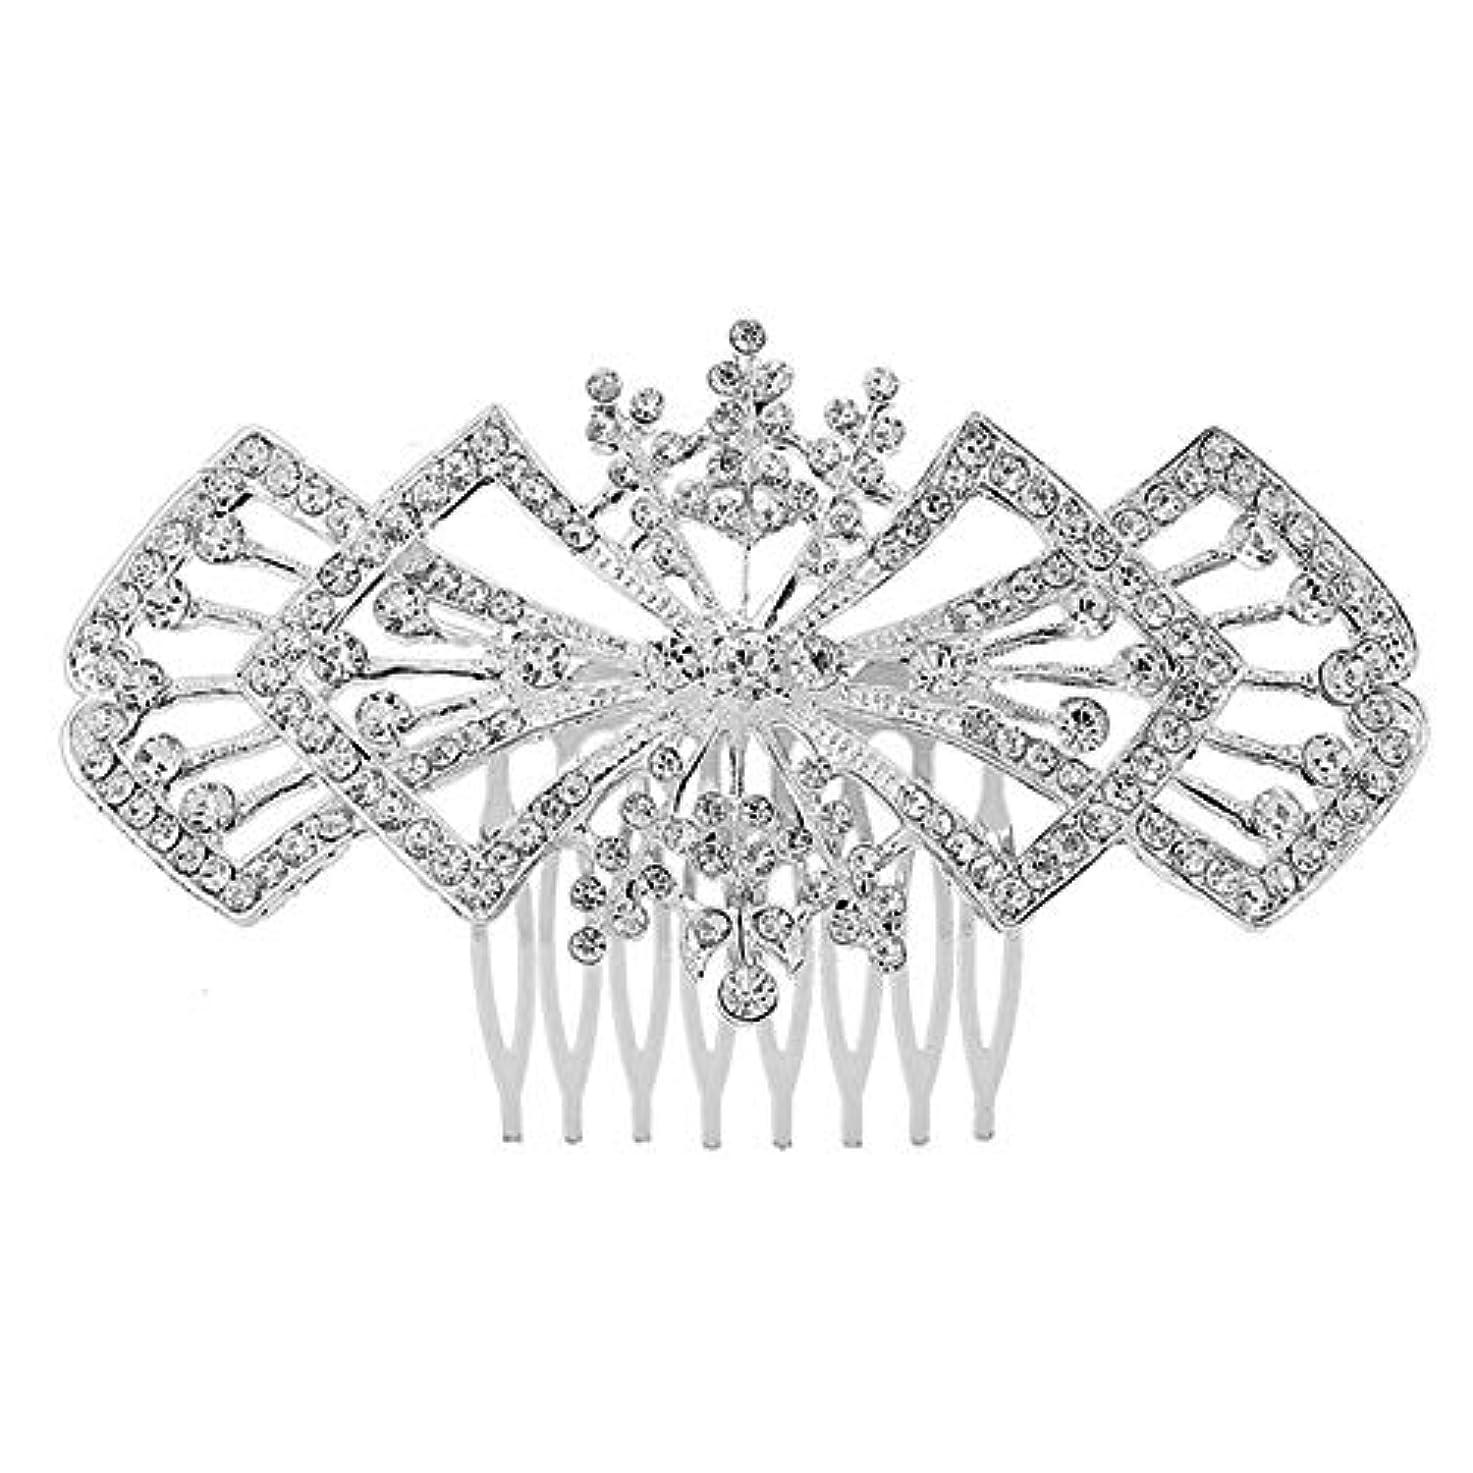 クロスキャンペーンガラス髪の櫛の櫛の櫛の花嫁の髪の櫛の花の髪の櫛のラインストーンの挿入物の櫛の合金の帽子の結婚式の宝石類